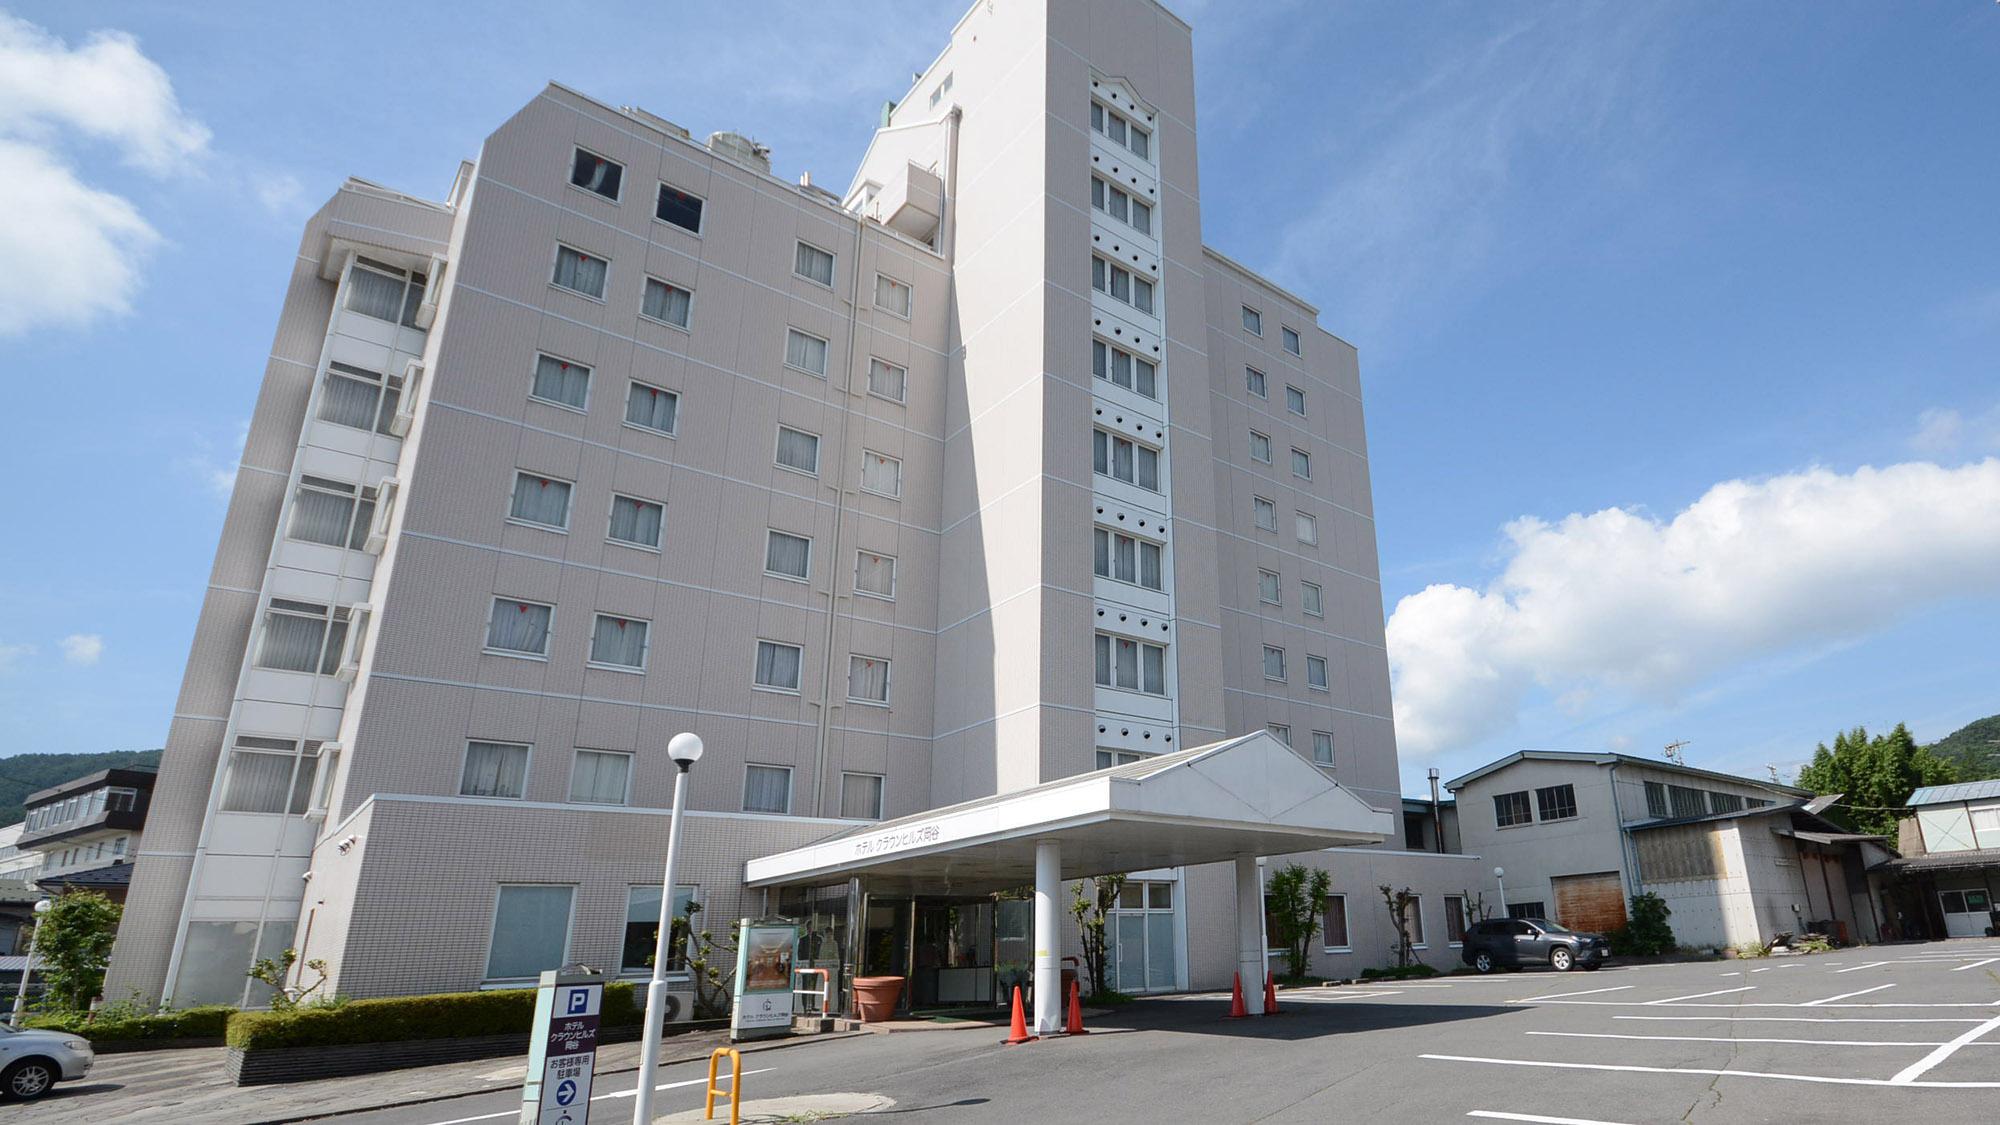 ホテルクラウンヒルズ岡谷インター(BBHホテルグループ)の施設画像